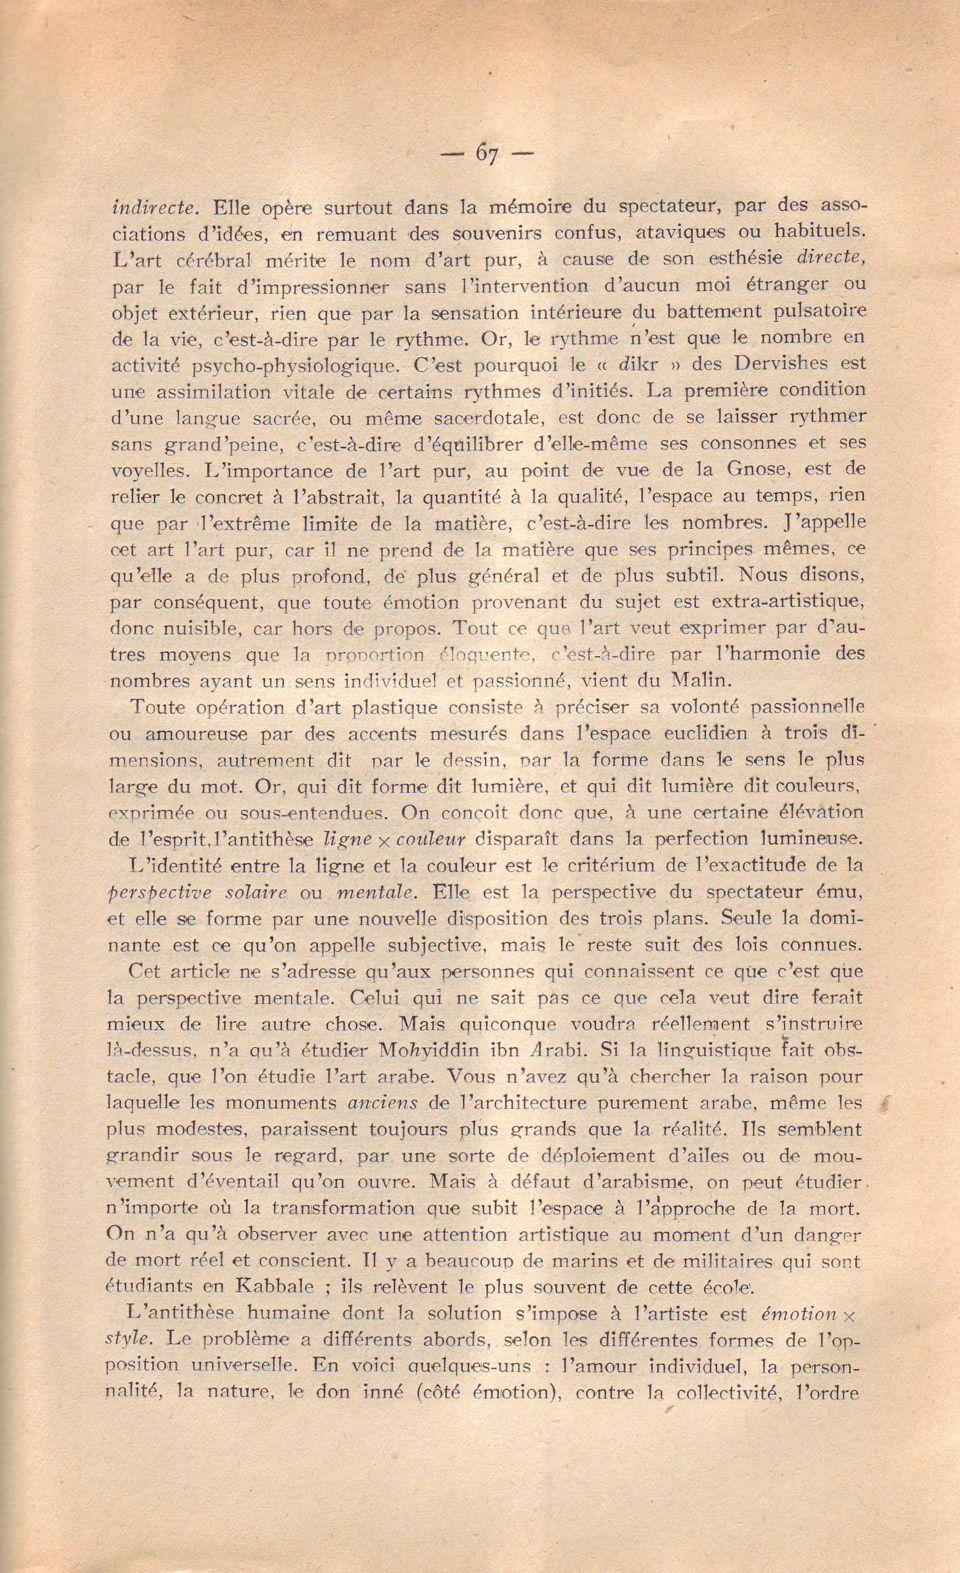 Pages..Mércure 13. 67